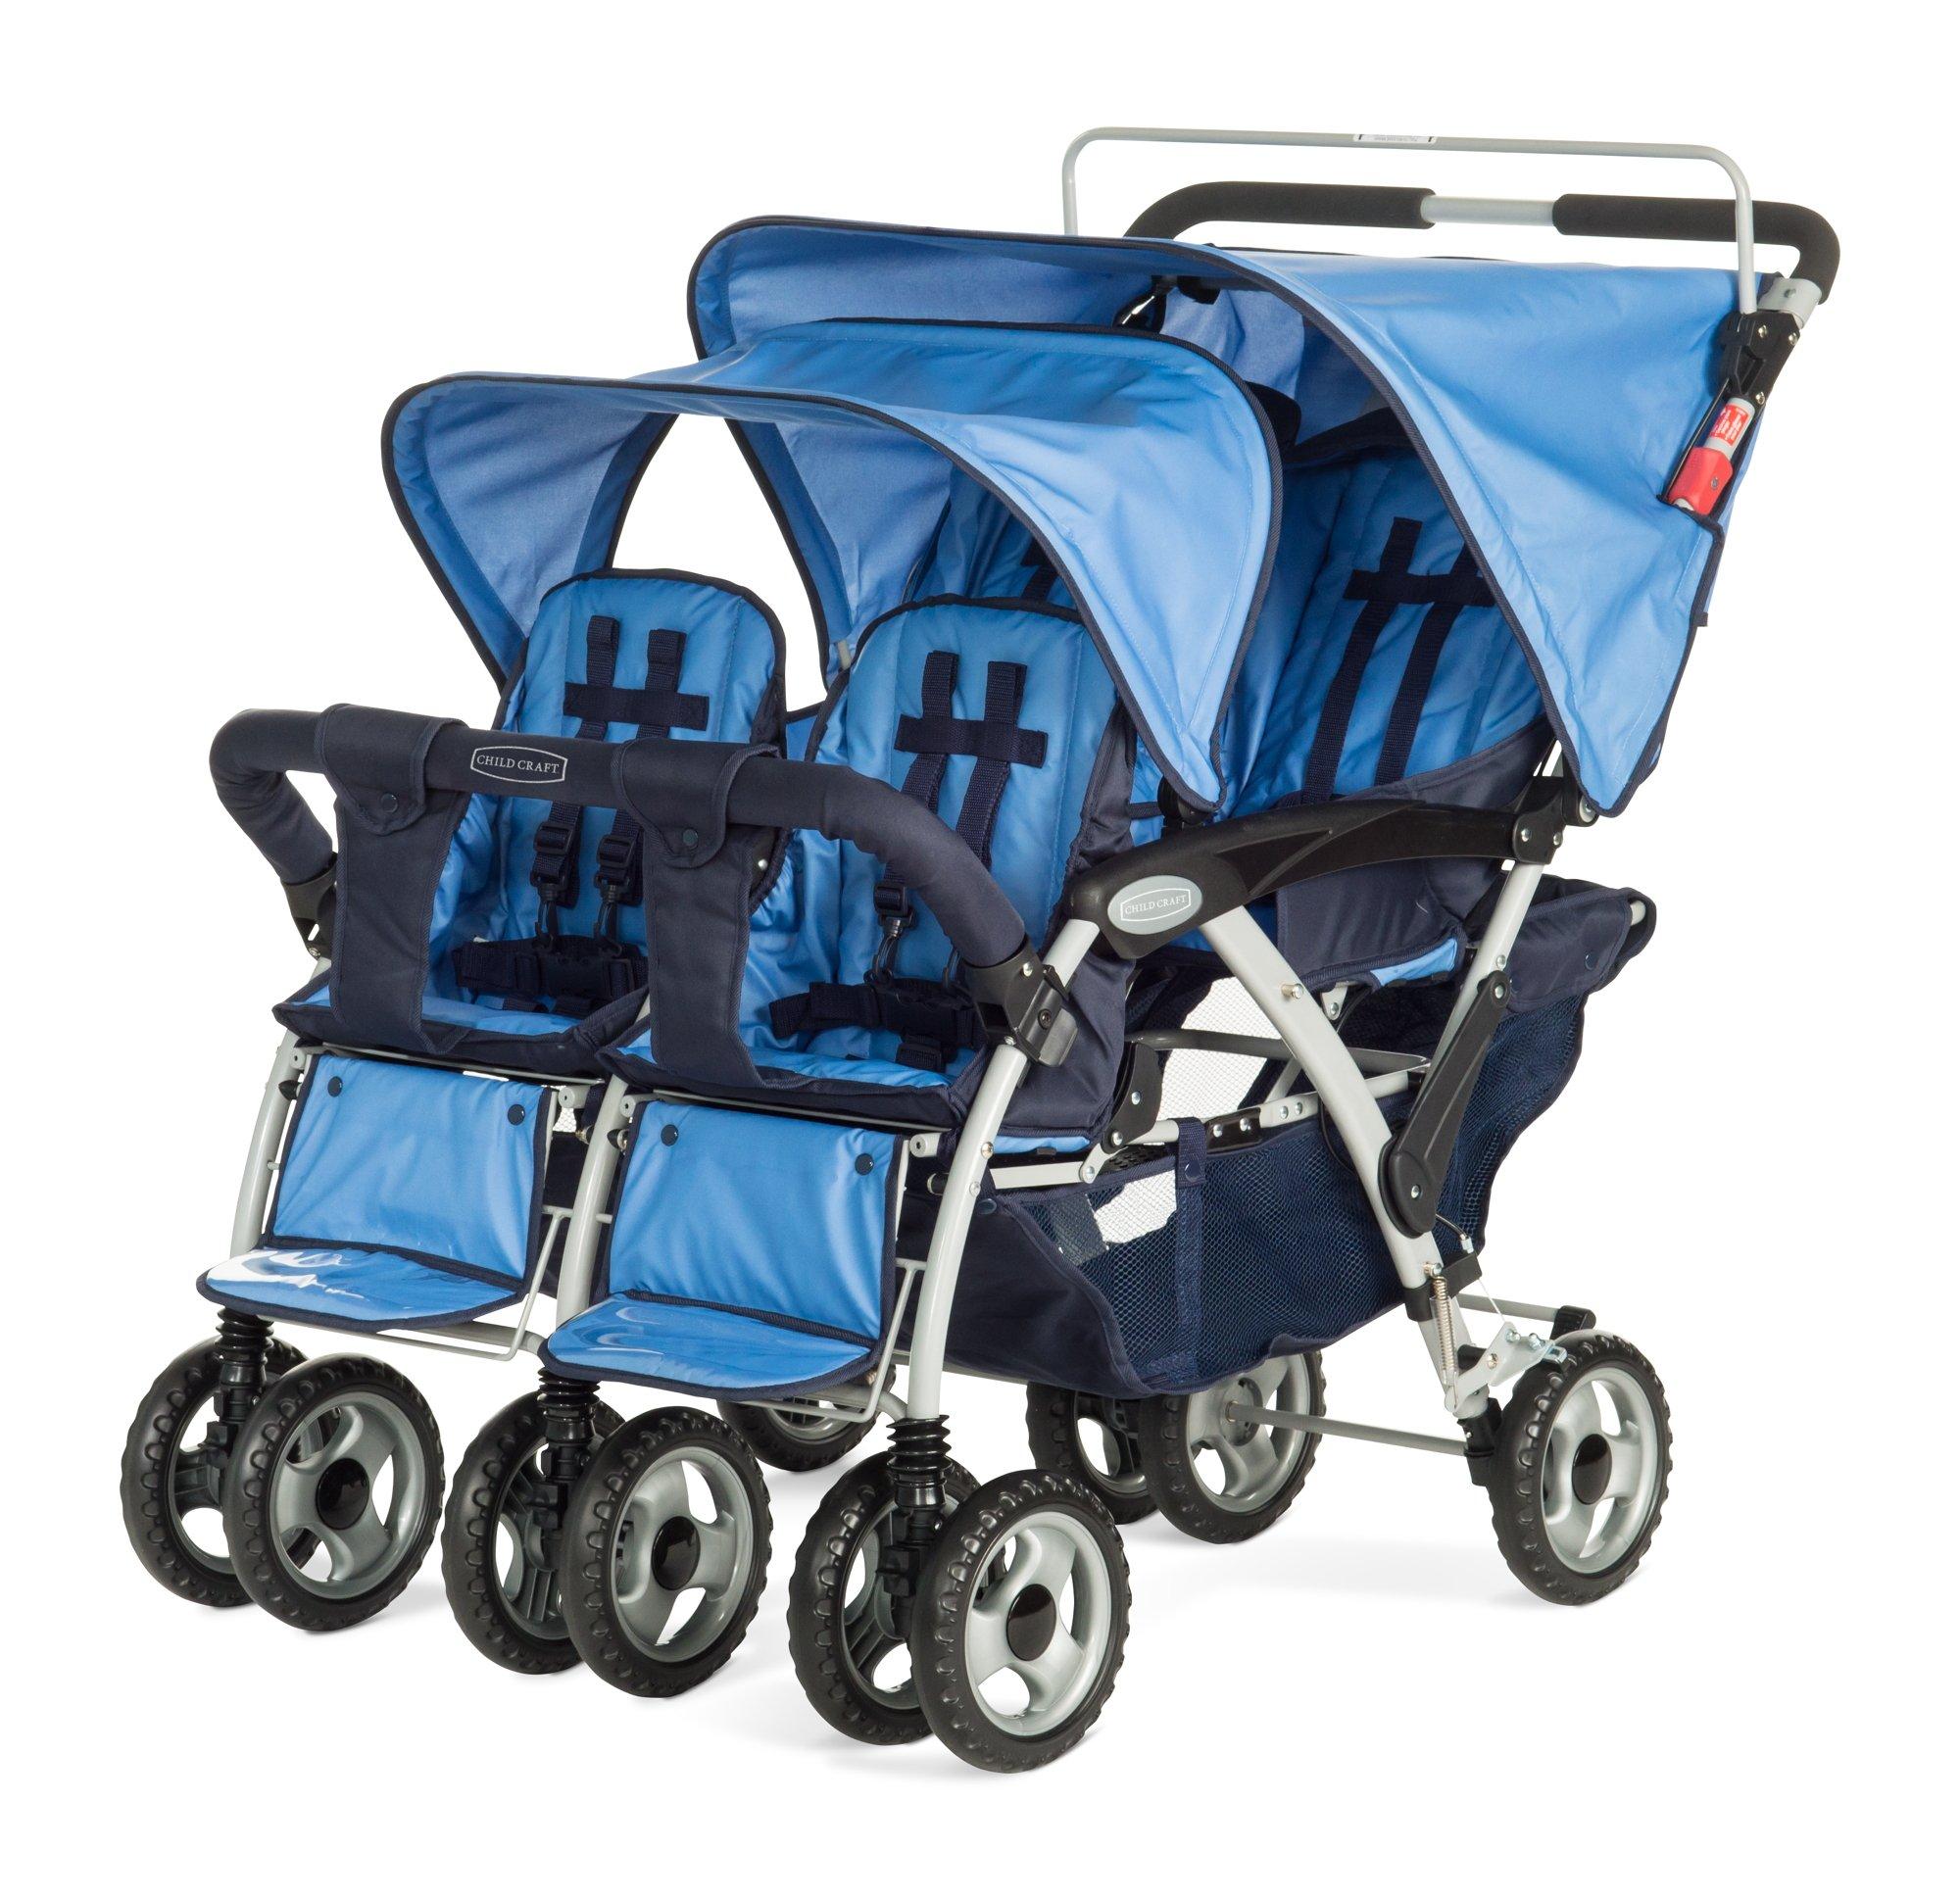 Child Craft Sport Multi-Child Quad Stroller, Regatta Blue by Child Craft (Image #1)